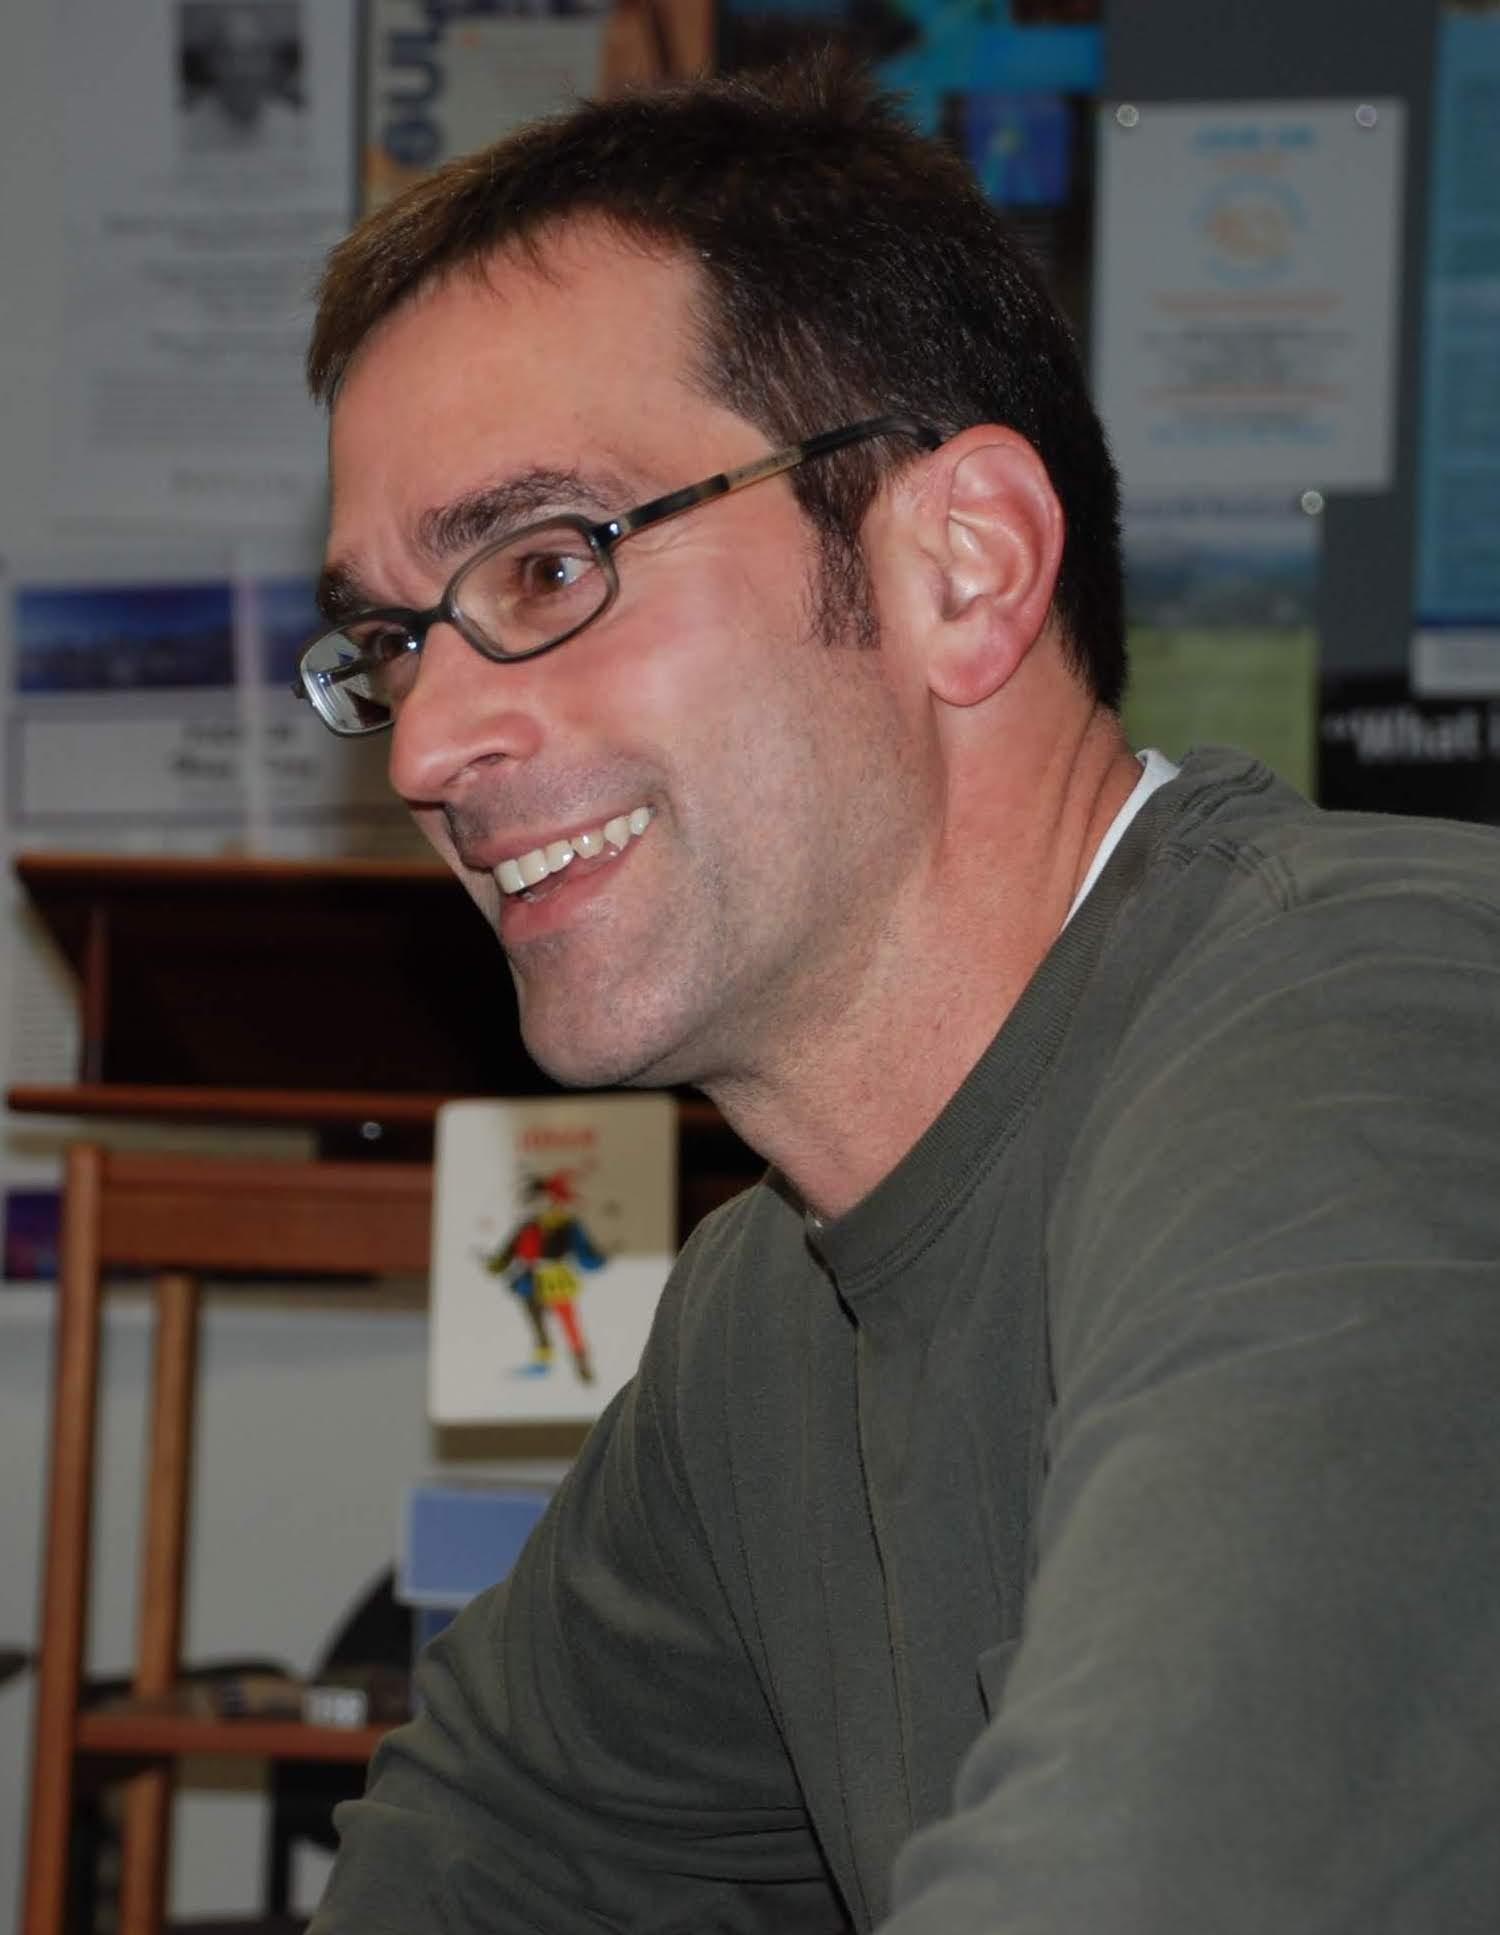 Richard Gomulkiewicz